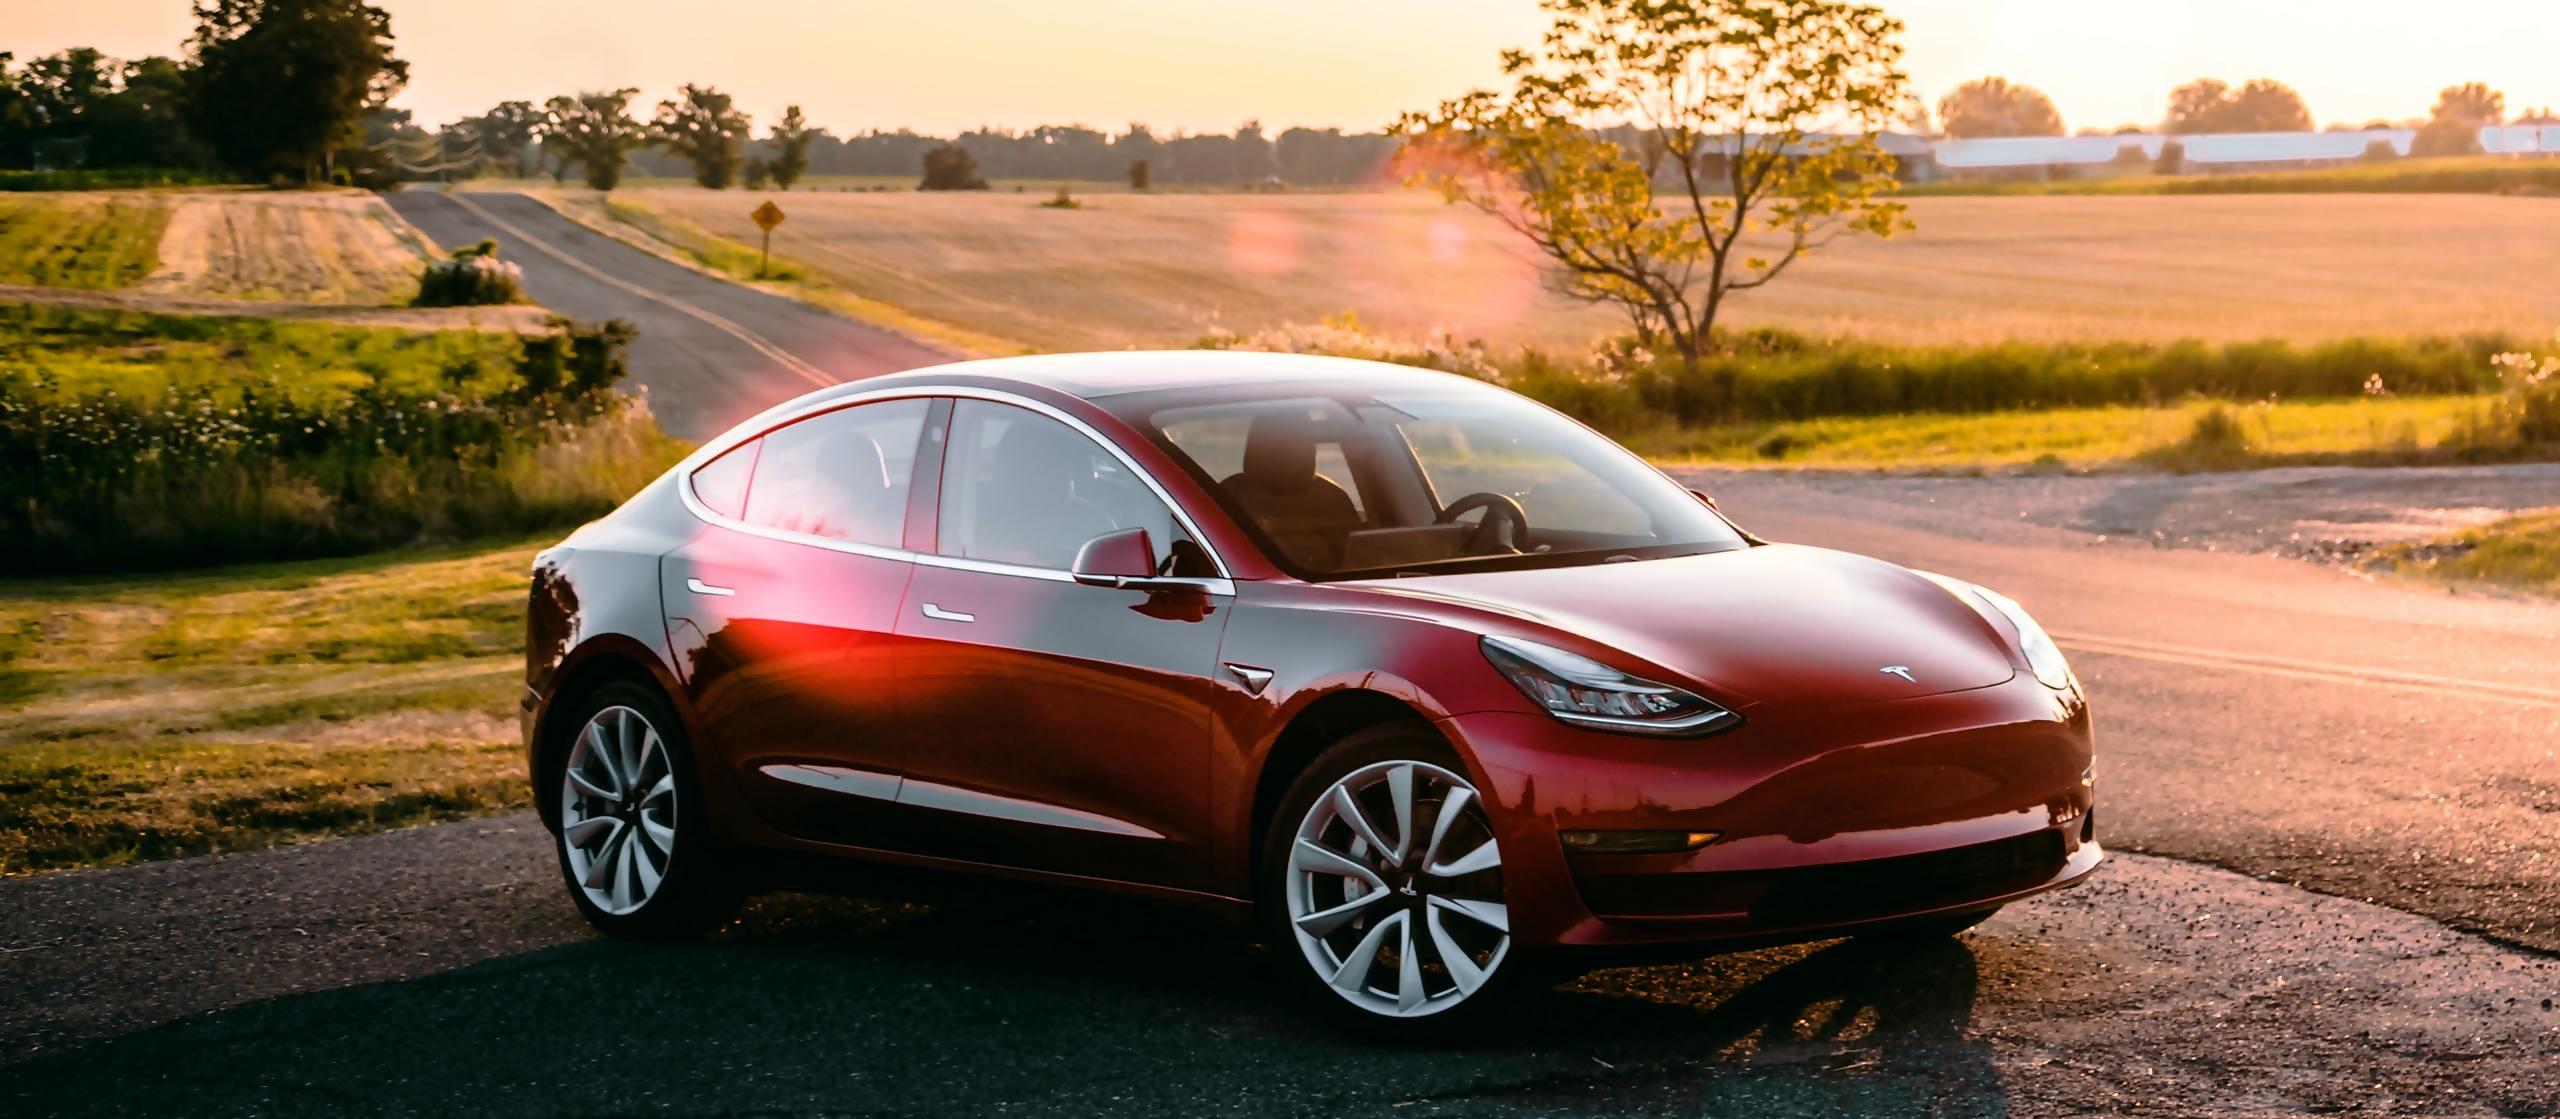 werking elektrische auto Tesla